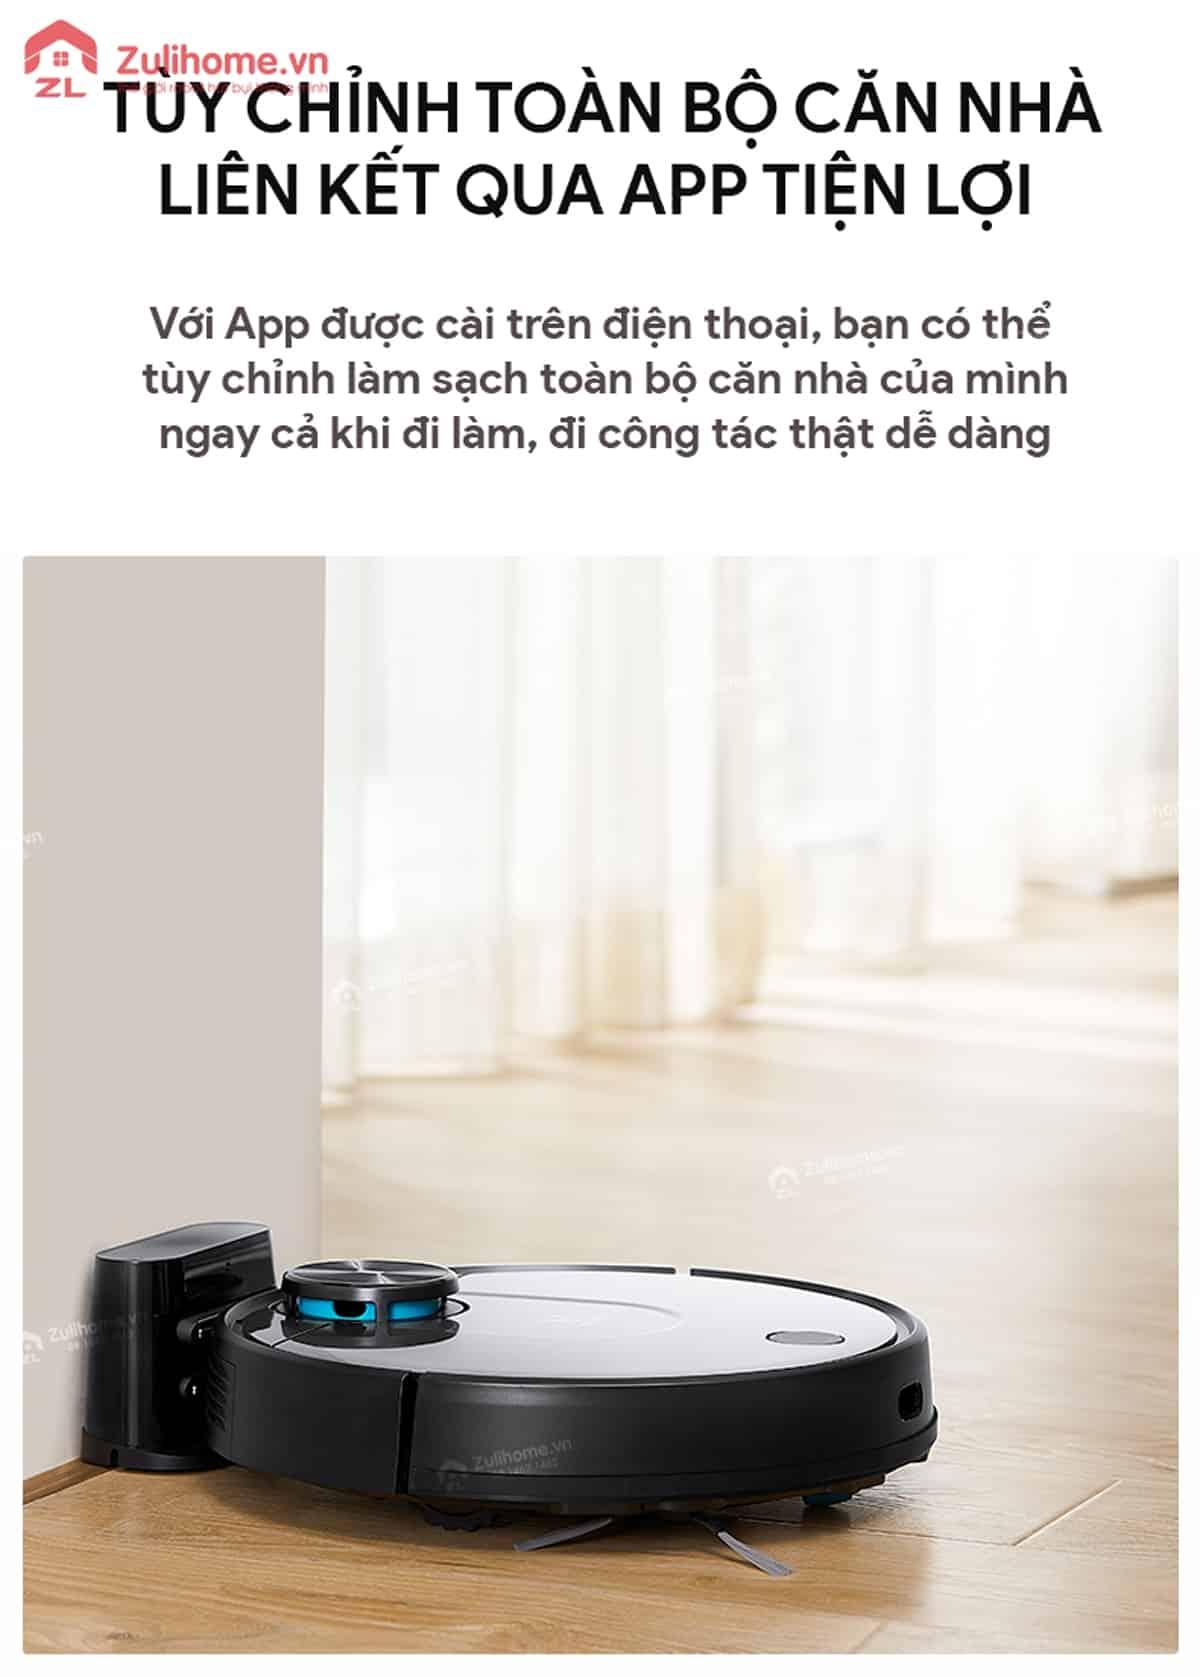 Xiaomi Viomi Yunmi được điều khiển qua app